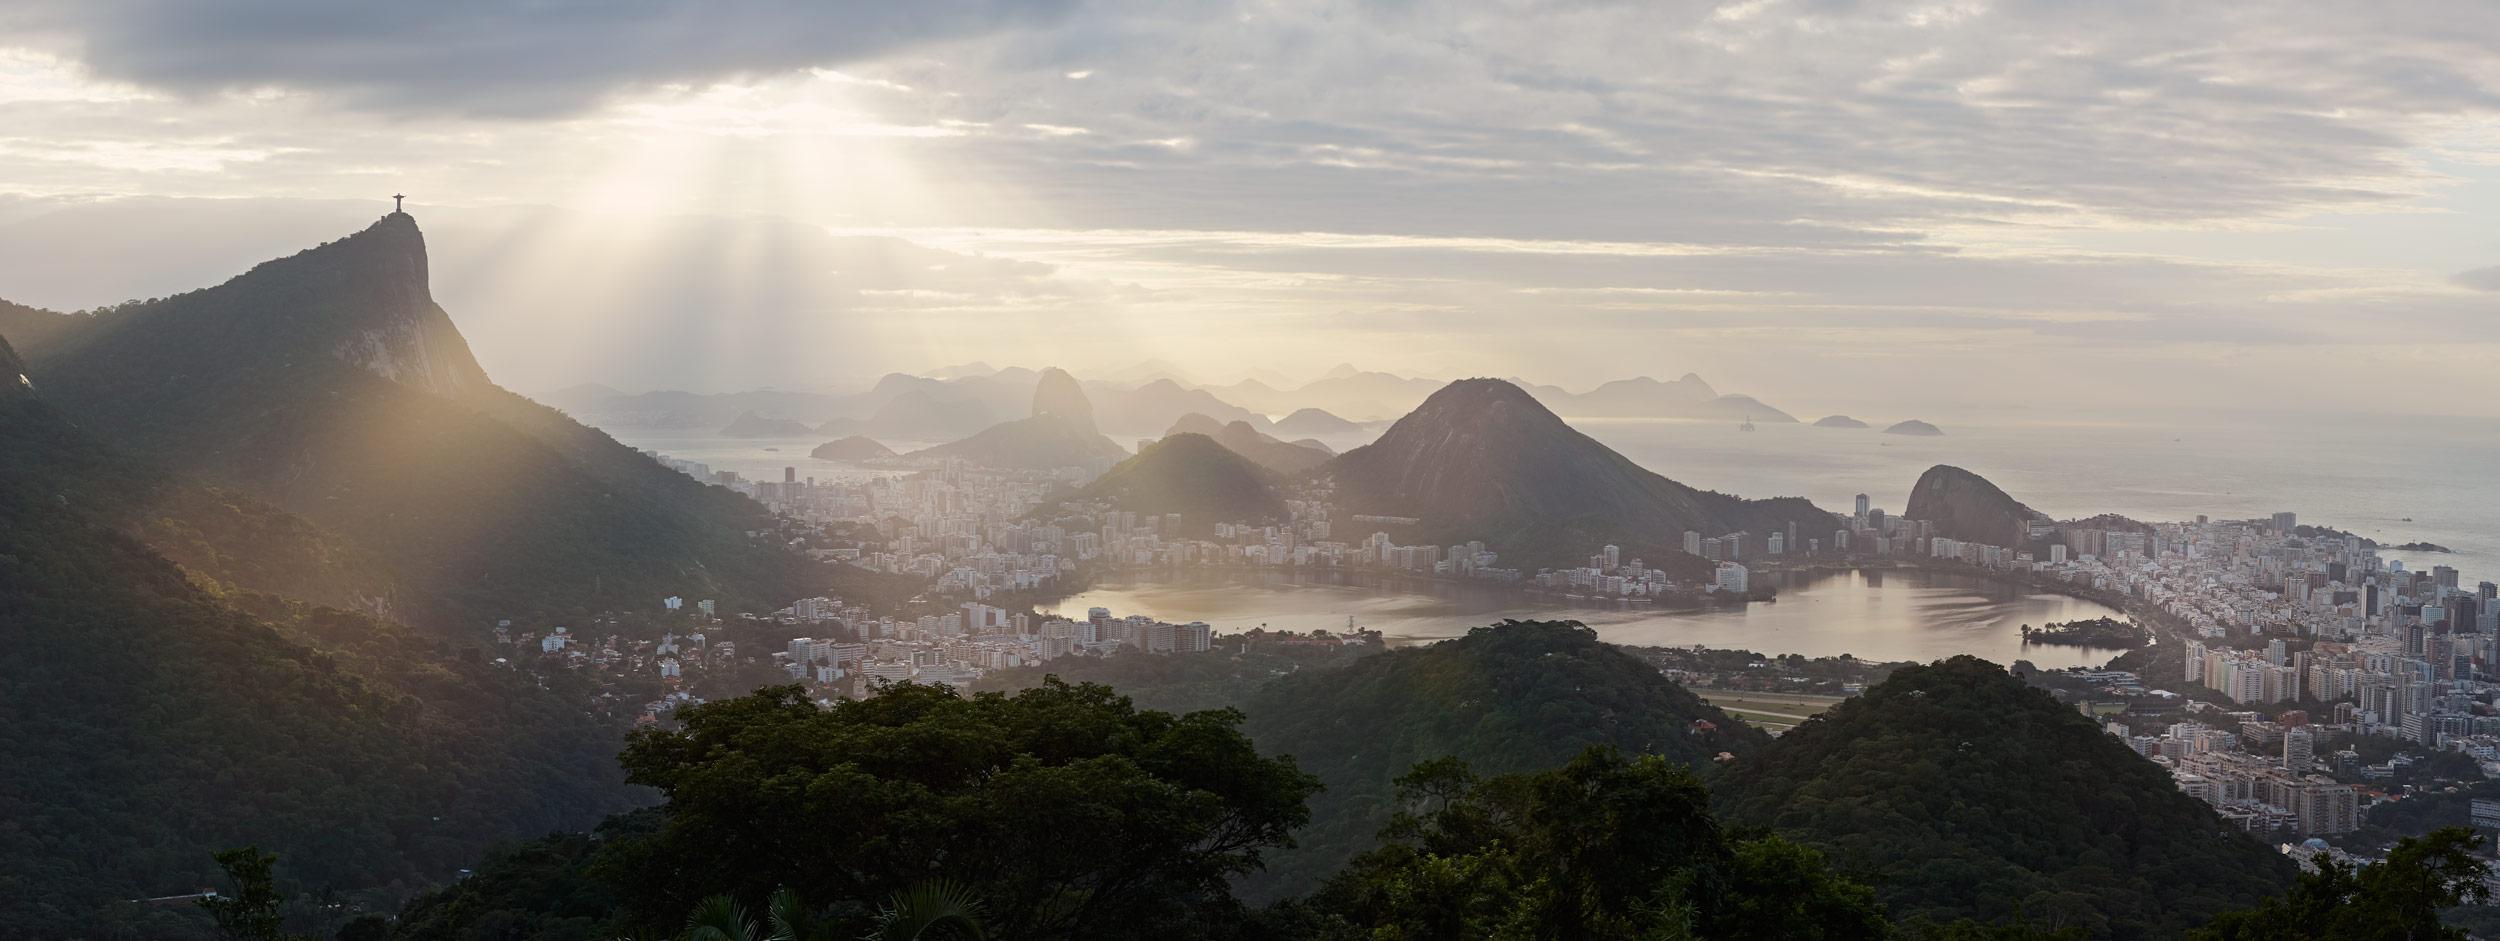 RIO_CHINESE.jpg